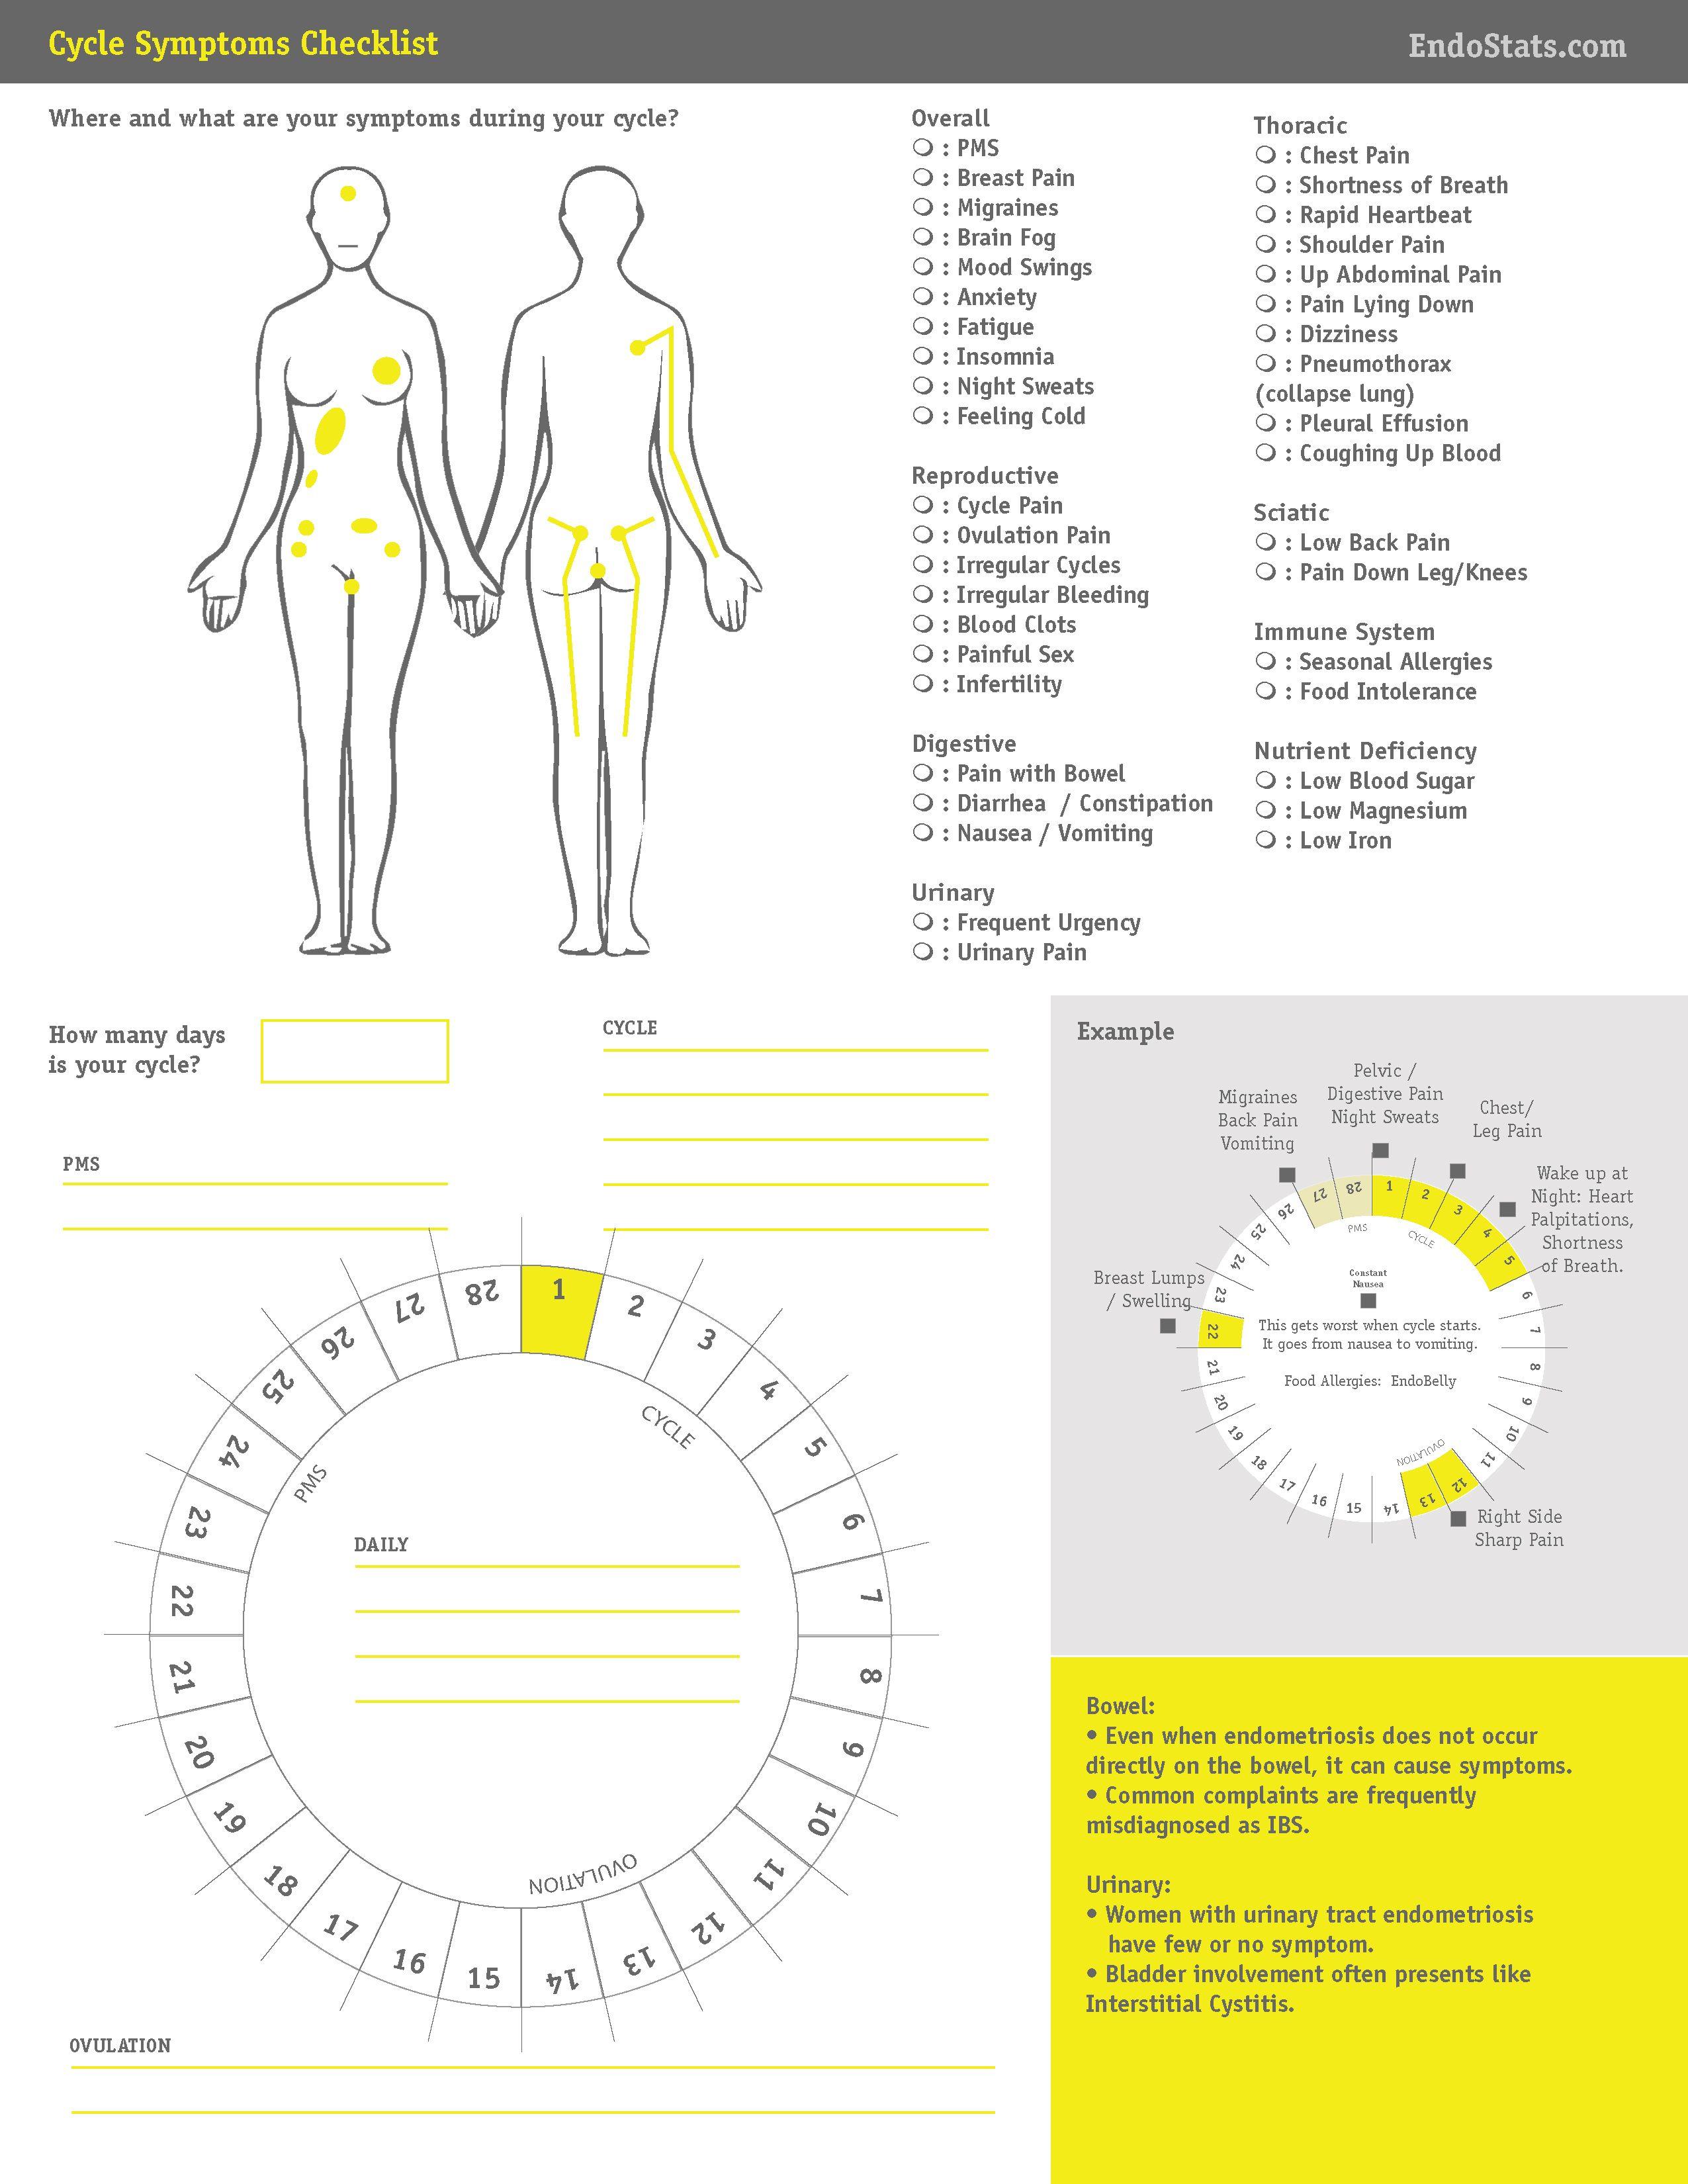 Endometriosis Symptom Checklist